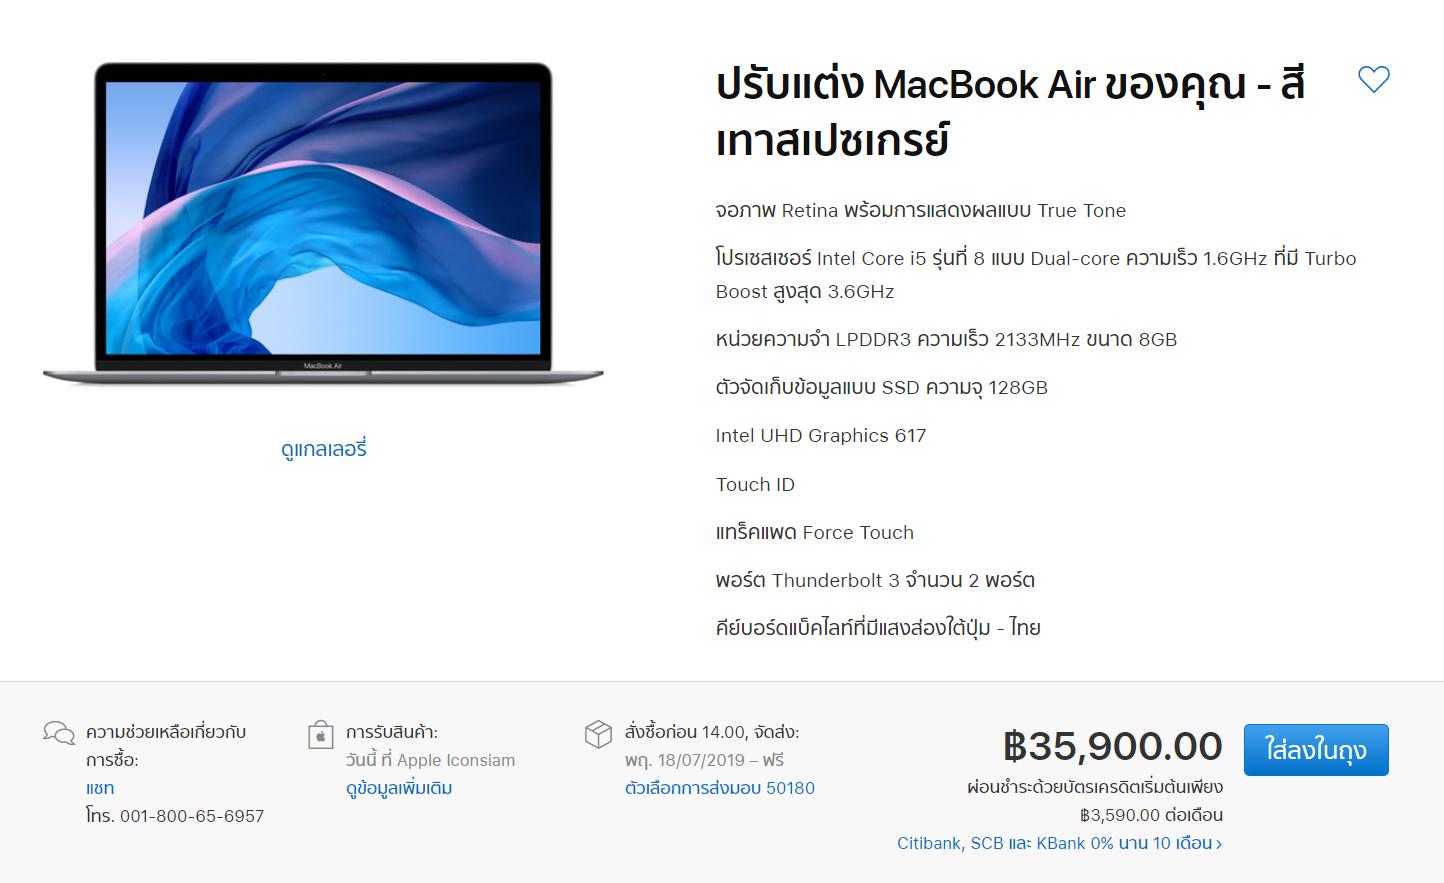 Macbook Air 2019 Order